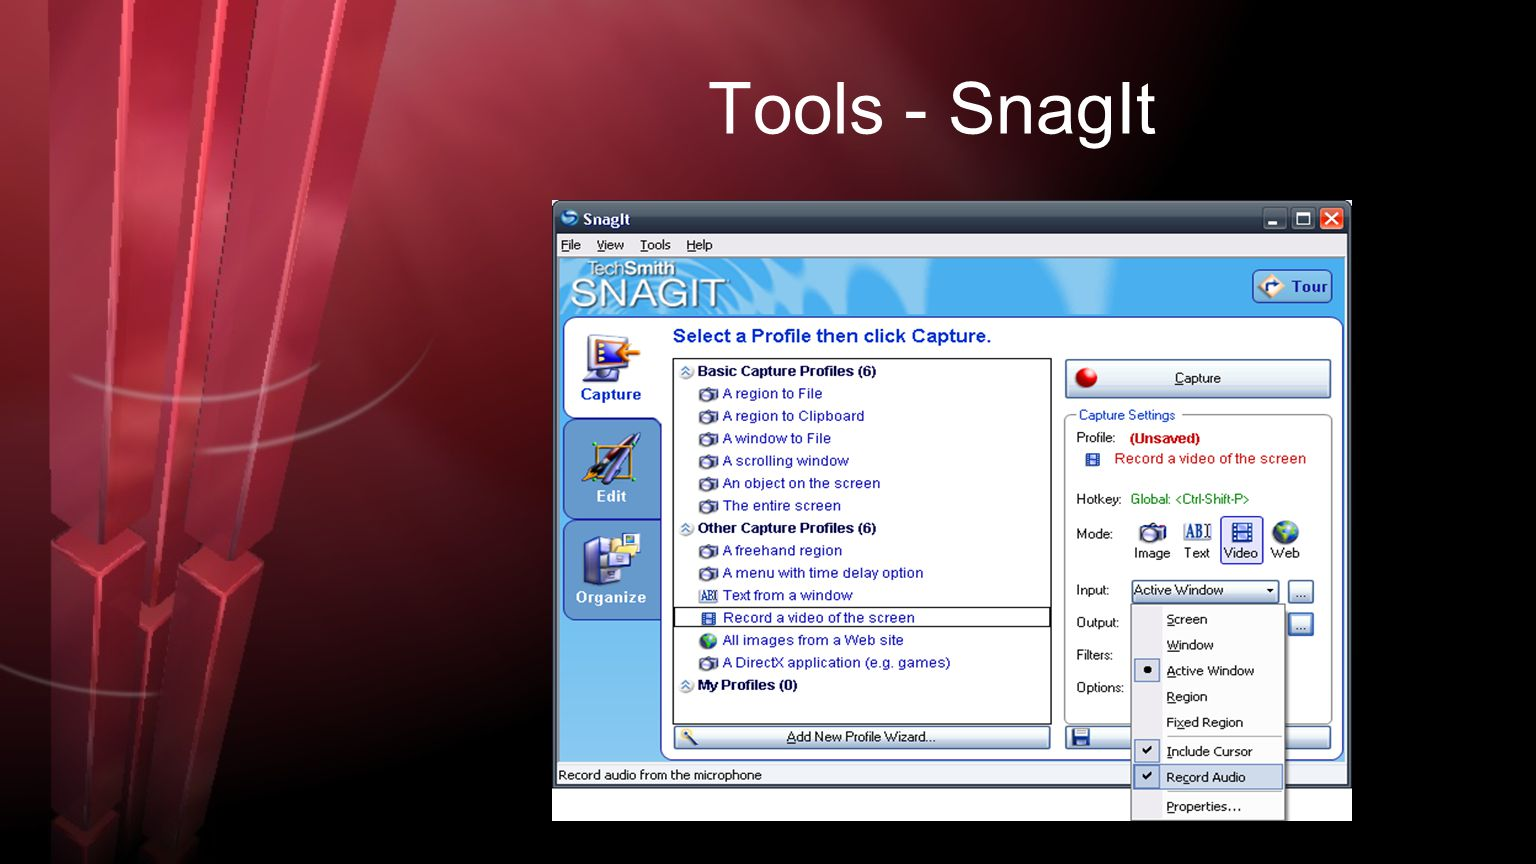 Tools - SnagIt